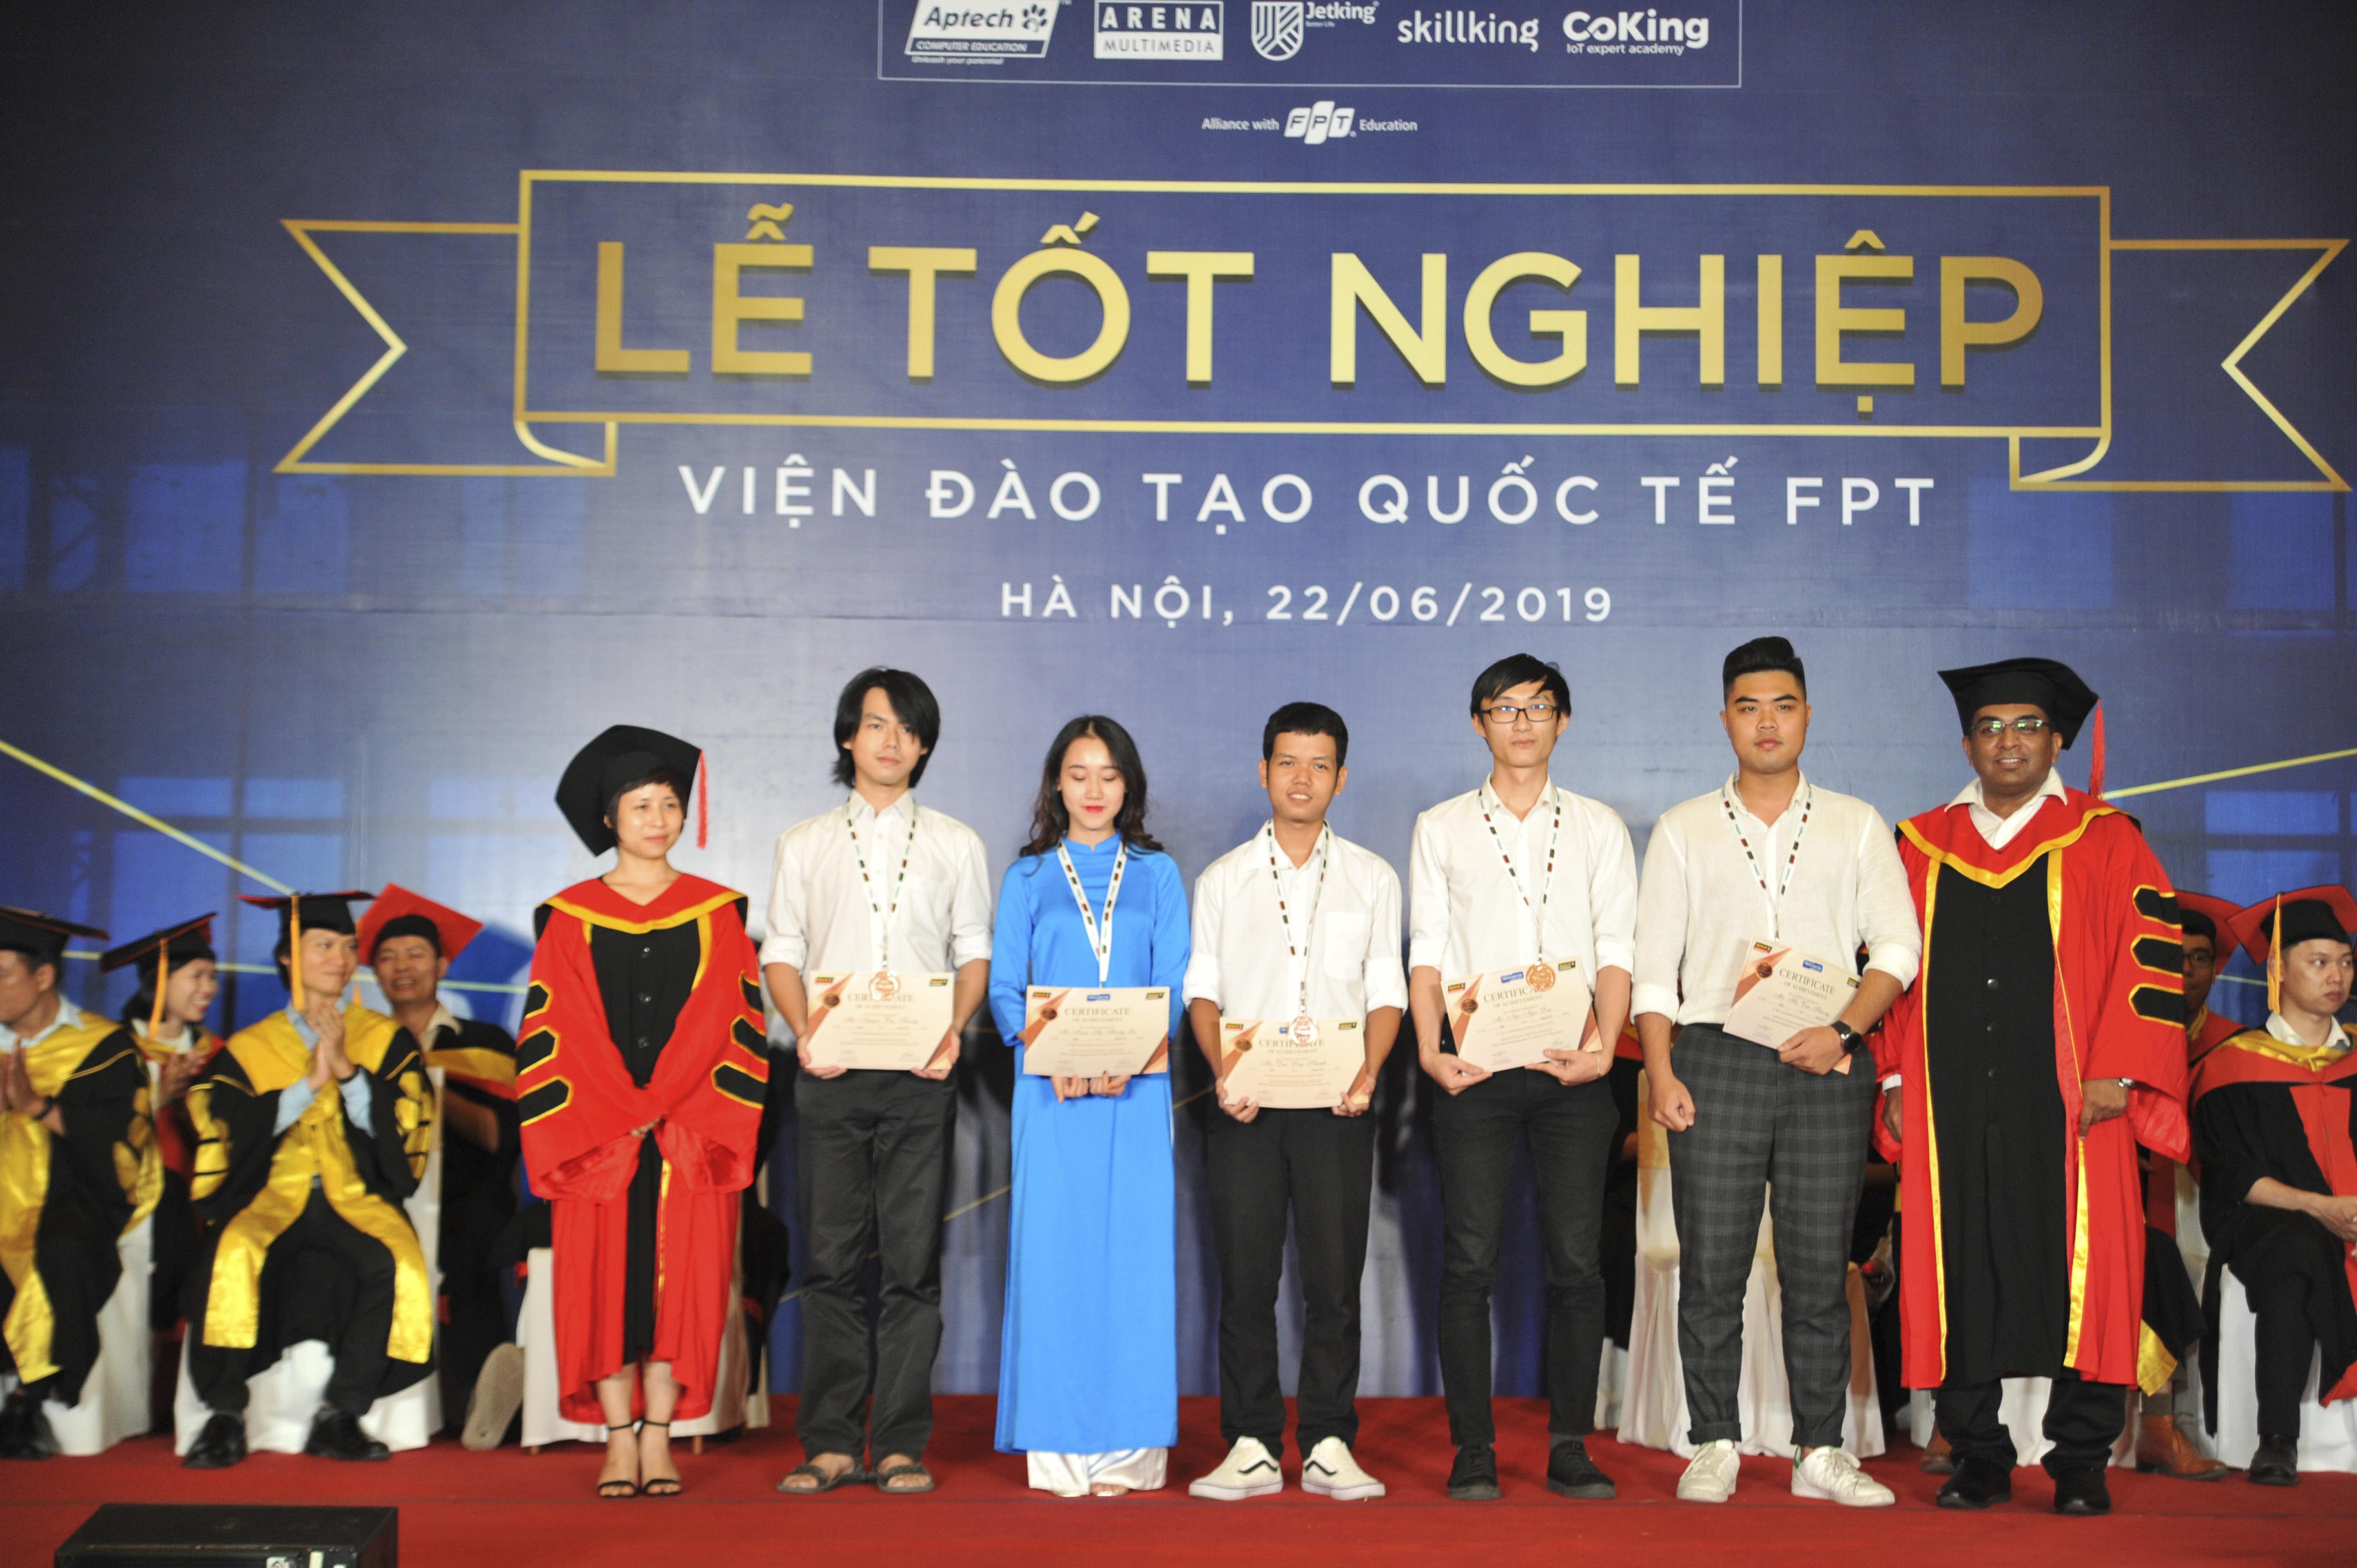 Viện Đào tạo Quốc tế FPT cũng trao huy chương đồng cho những gương mặt xuất sắc đại diện FPT Aptech tham gia cuộc thi Techwiz 2019 do Aptech Global tổ chức với quy mô toàn cầu. Đó là 2 nhóm BIW và Hydra. Cả 2 đều đạt giải Ba chung cuộc.